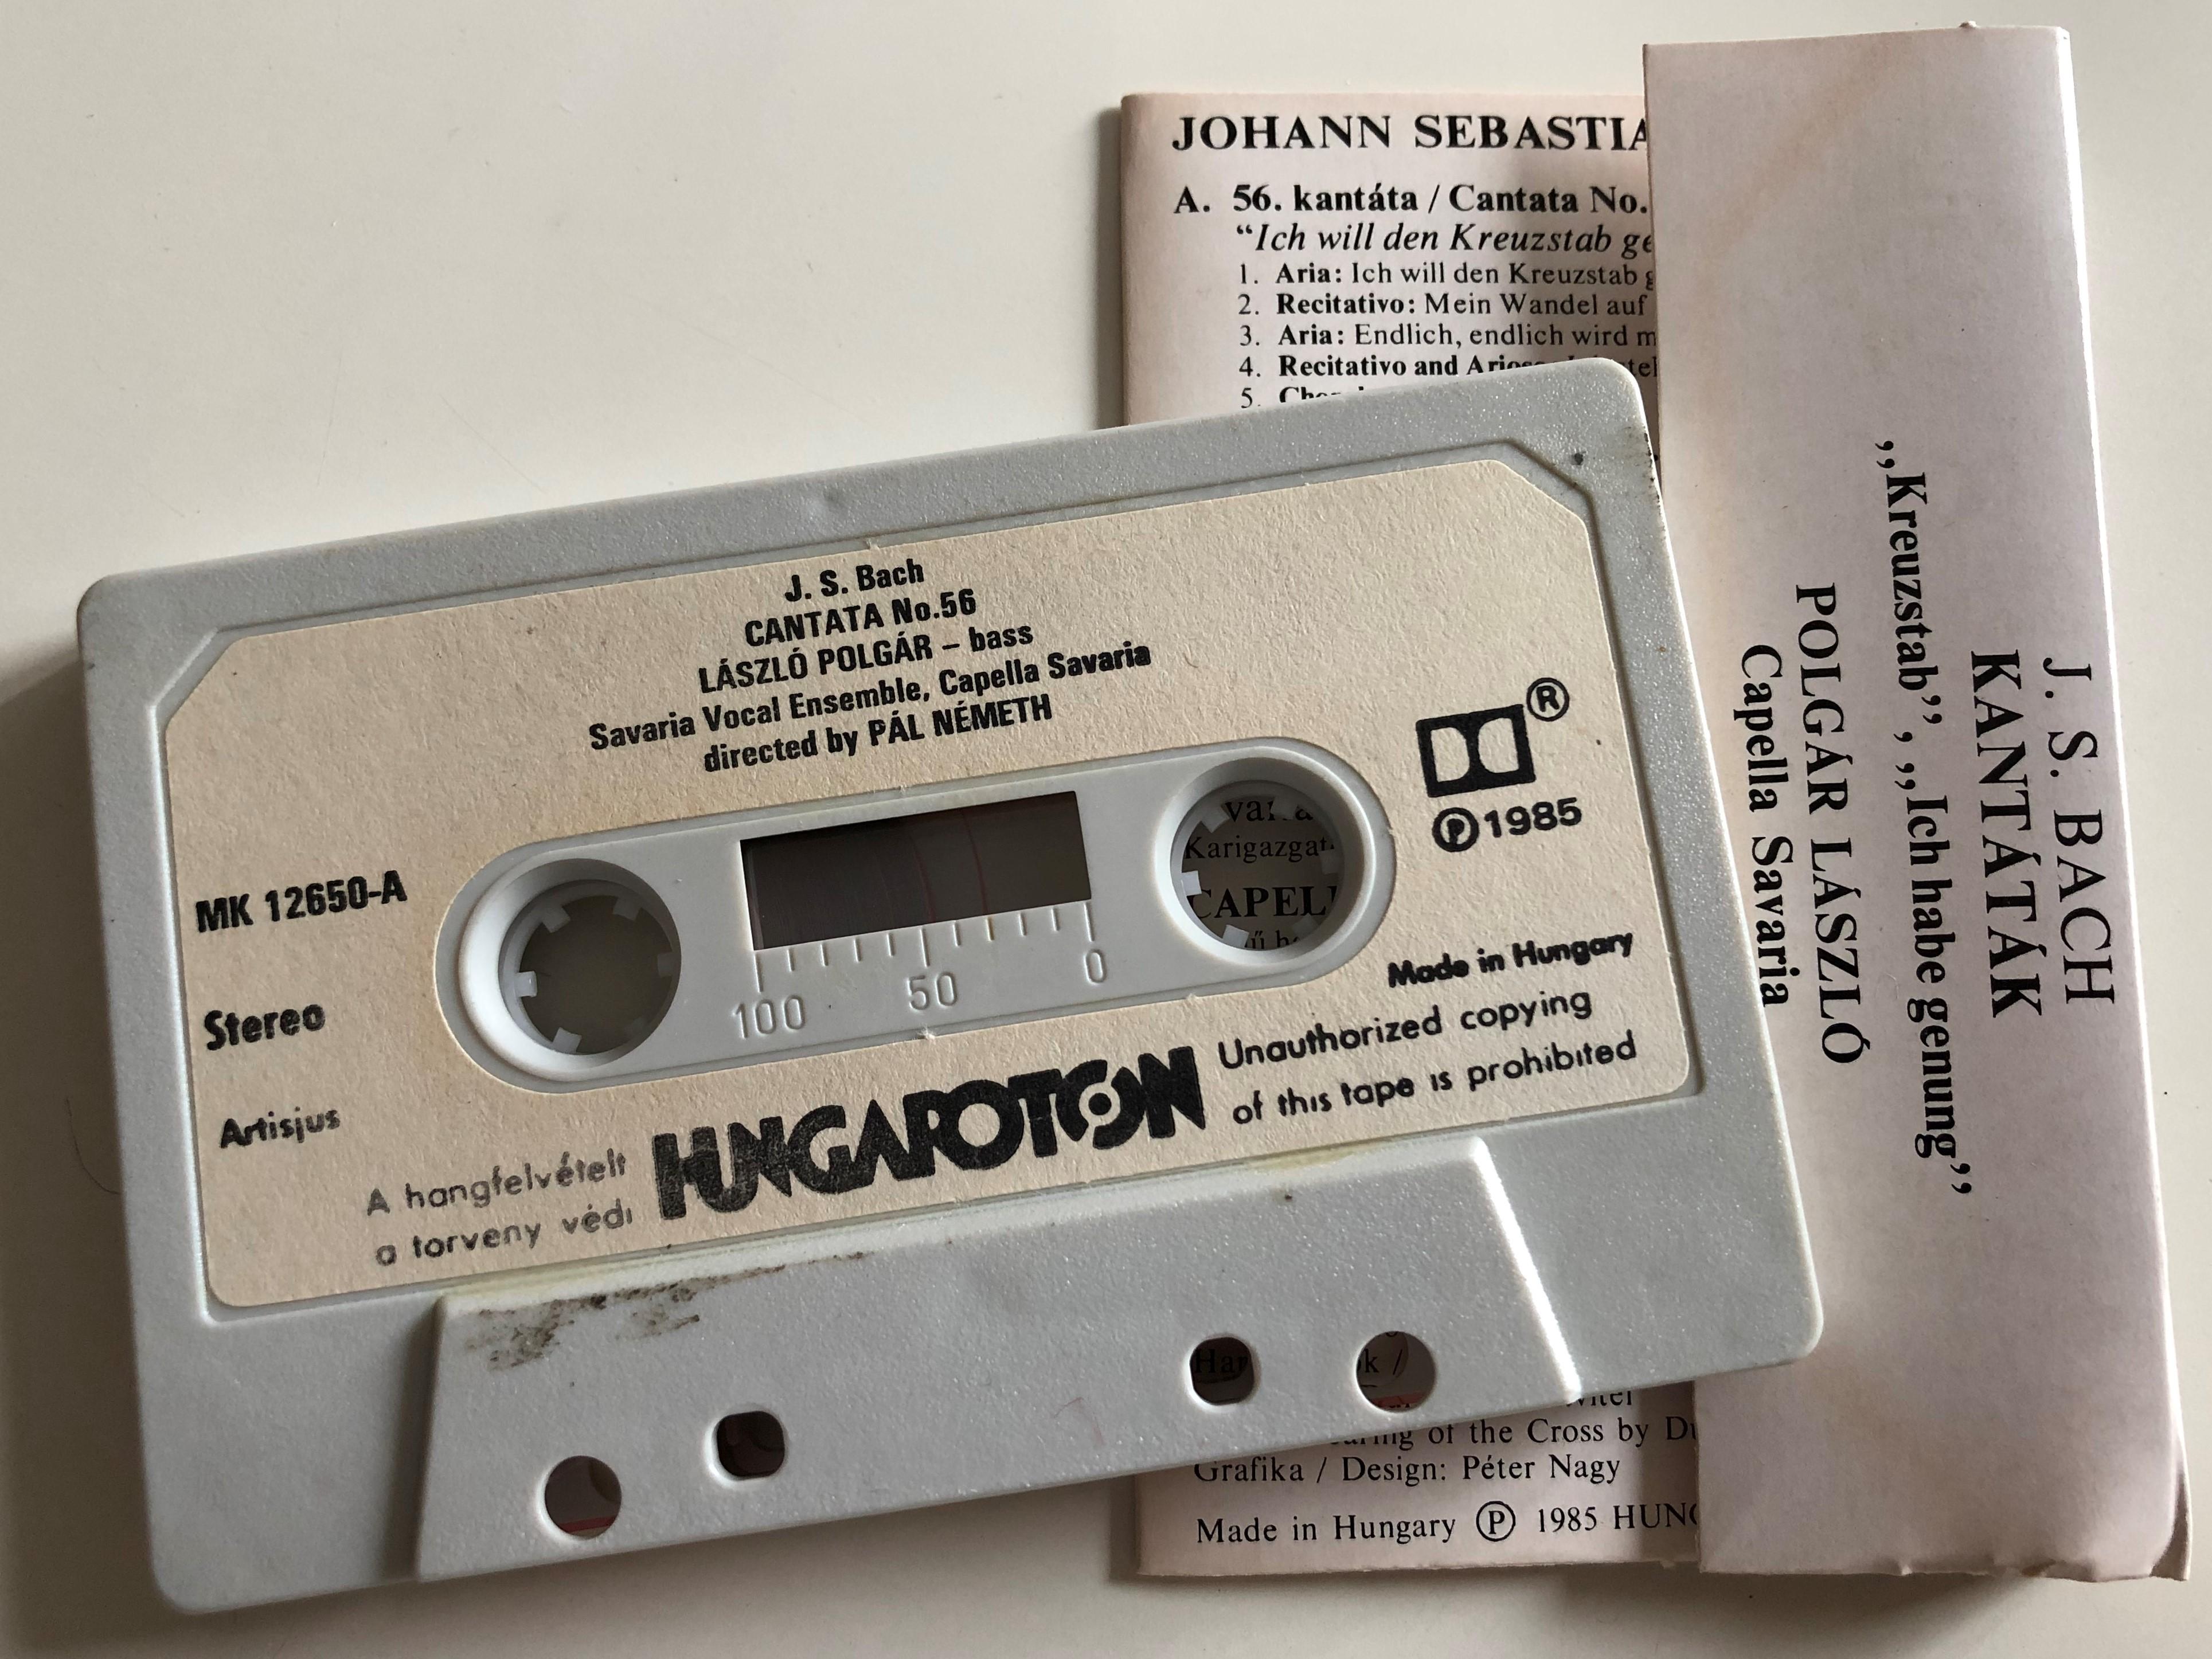 bach-cantatas-l-szl-polg-r-capella-savaria-conducted-p-l-n-meth-hungaroton-antiqua-cassette-stereo-mk-12650-3-.jpg